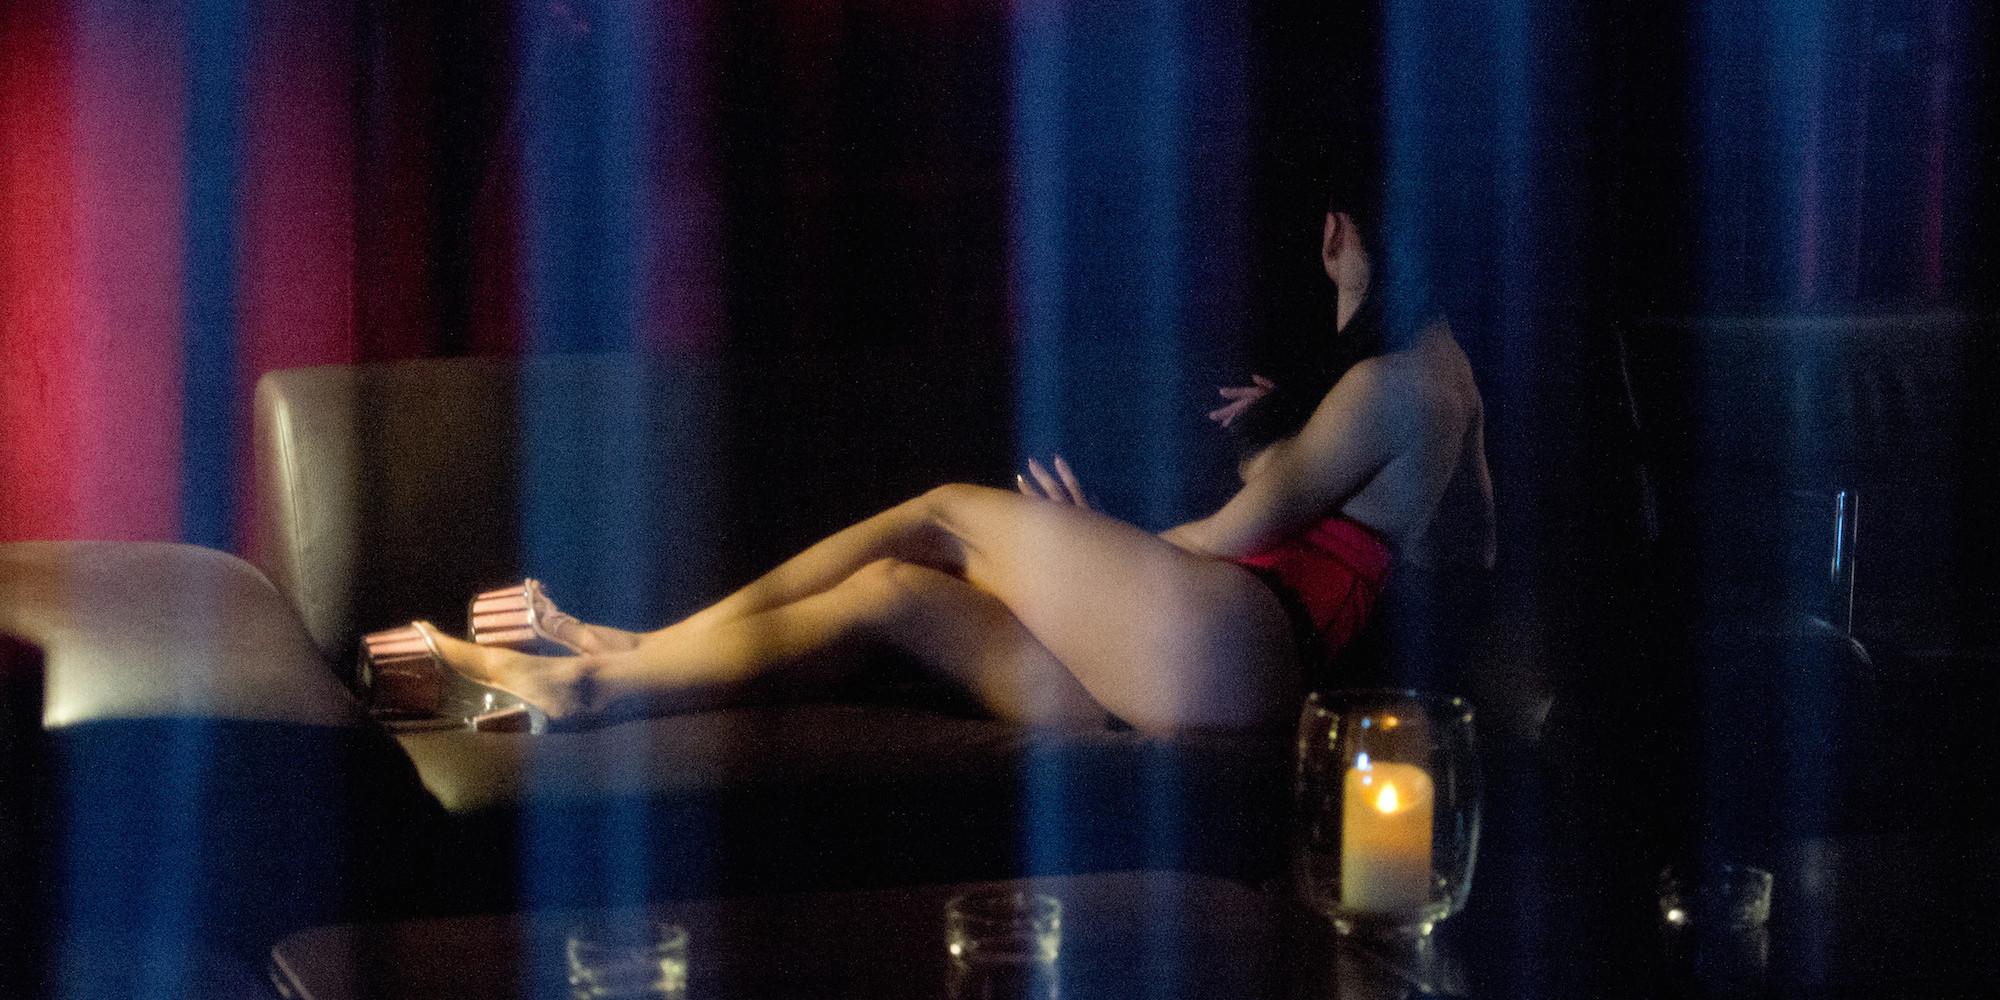 android desktop ansicht dauerhaft erotische video